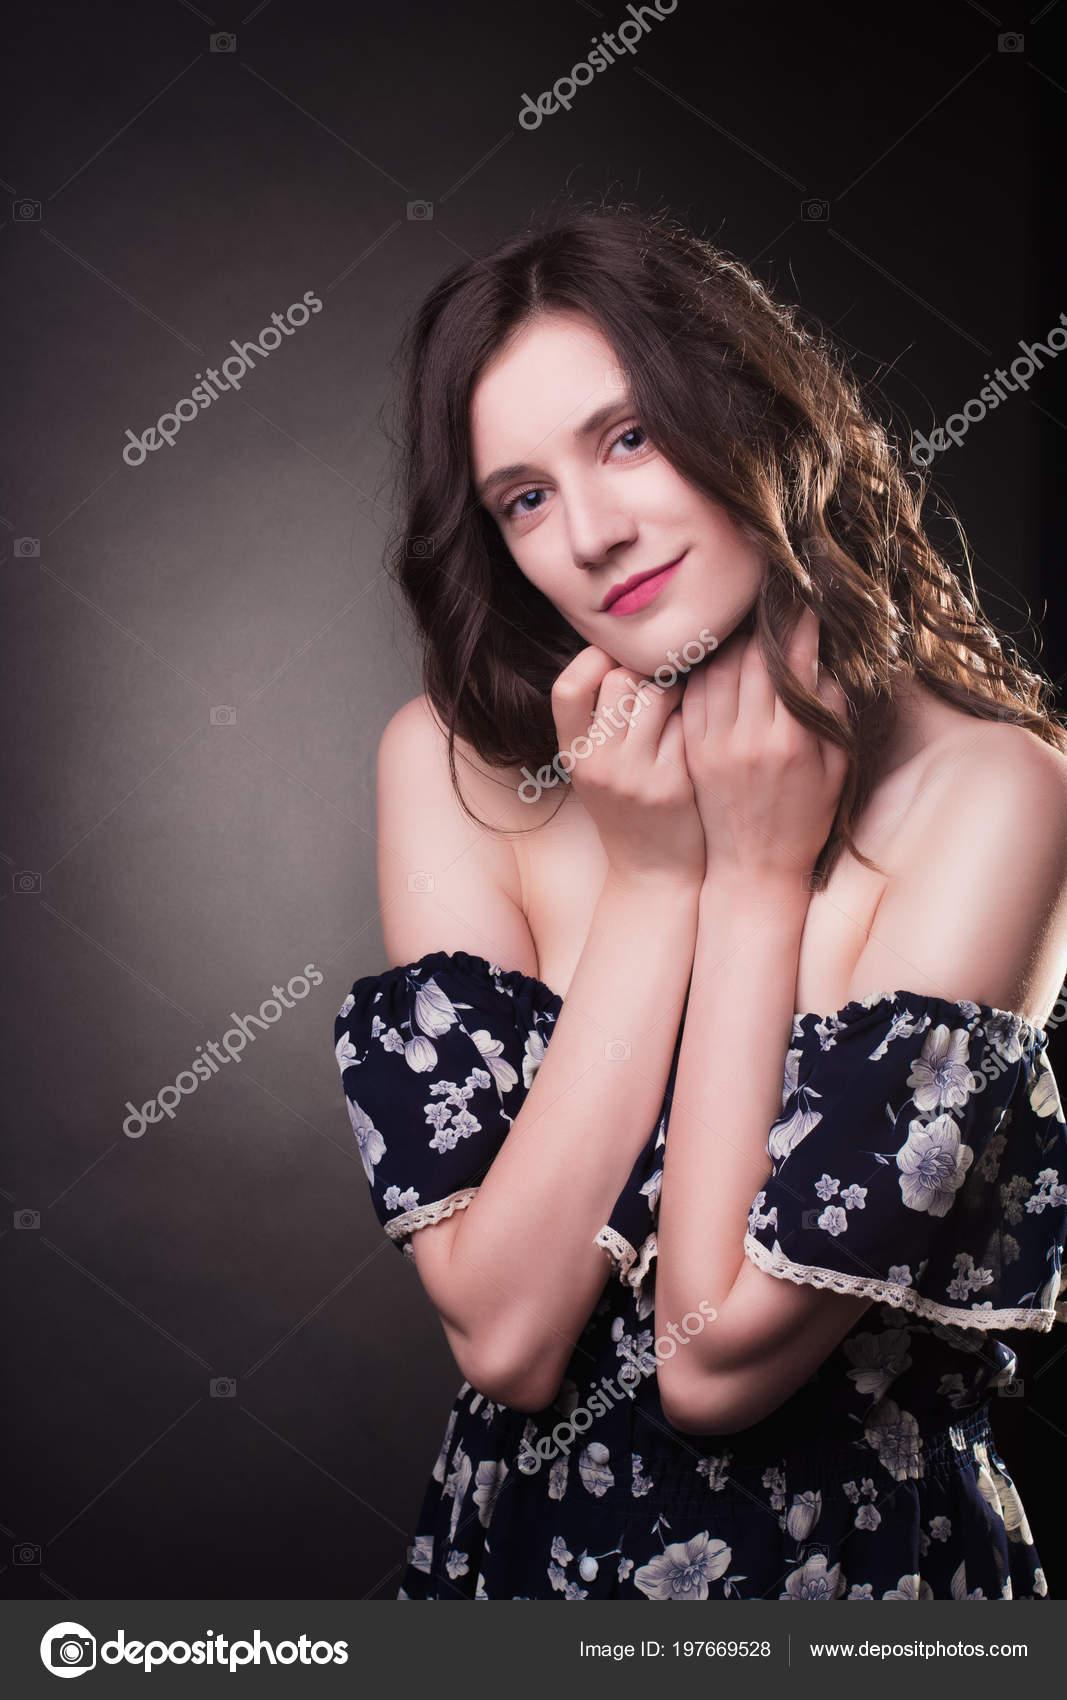 Ang Naked elegant young woman curly hair ang natural makeup wearing